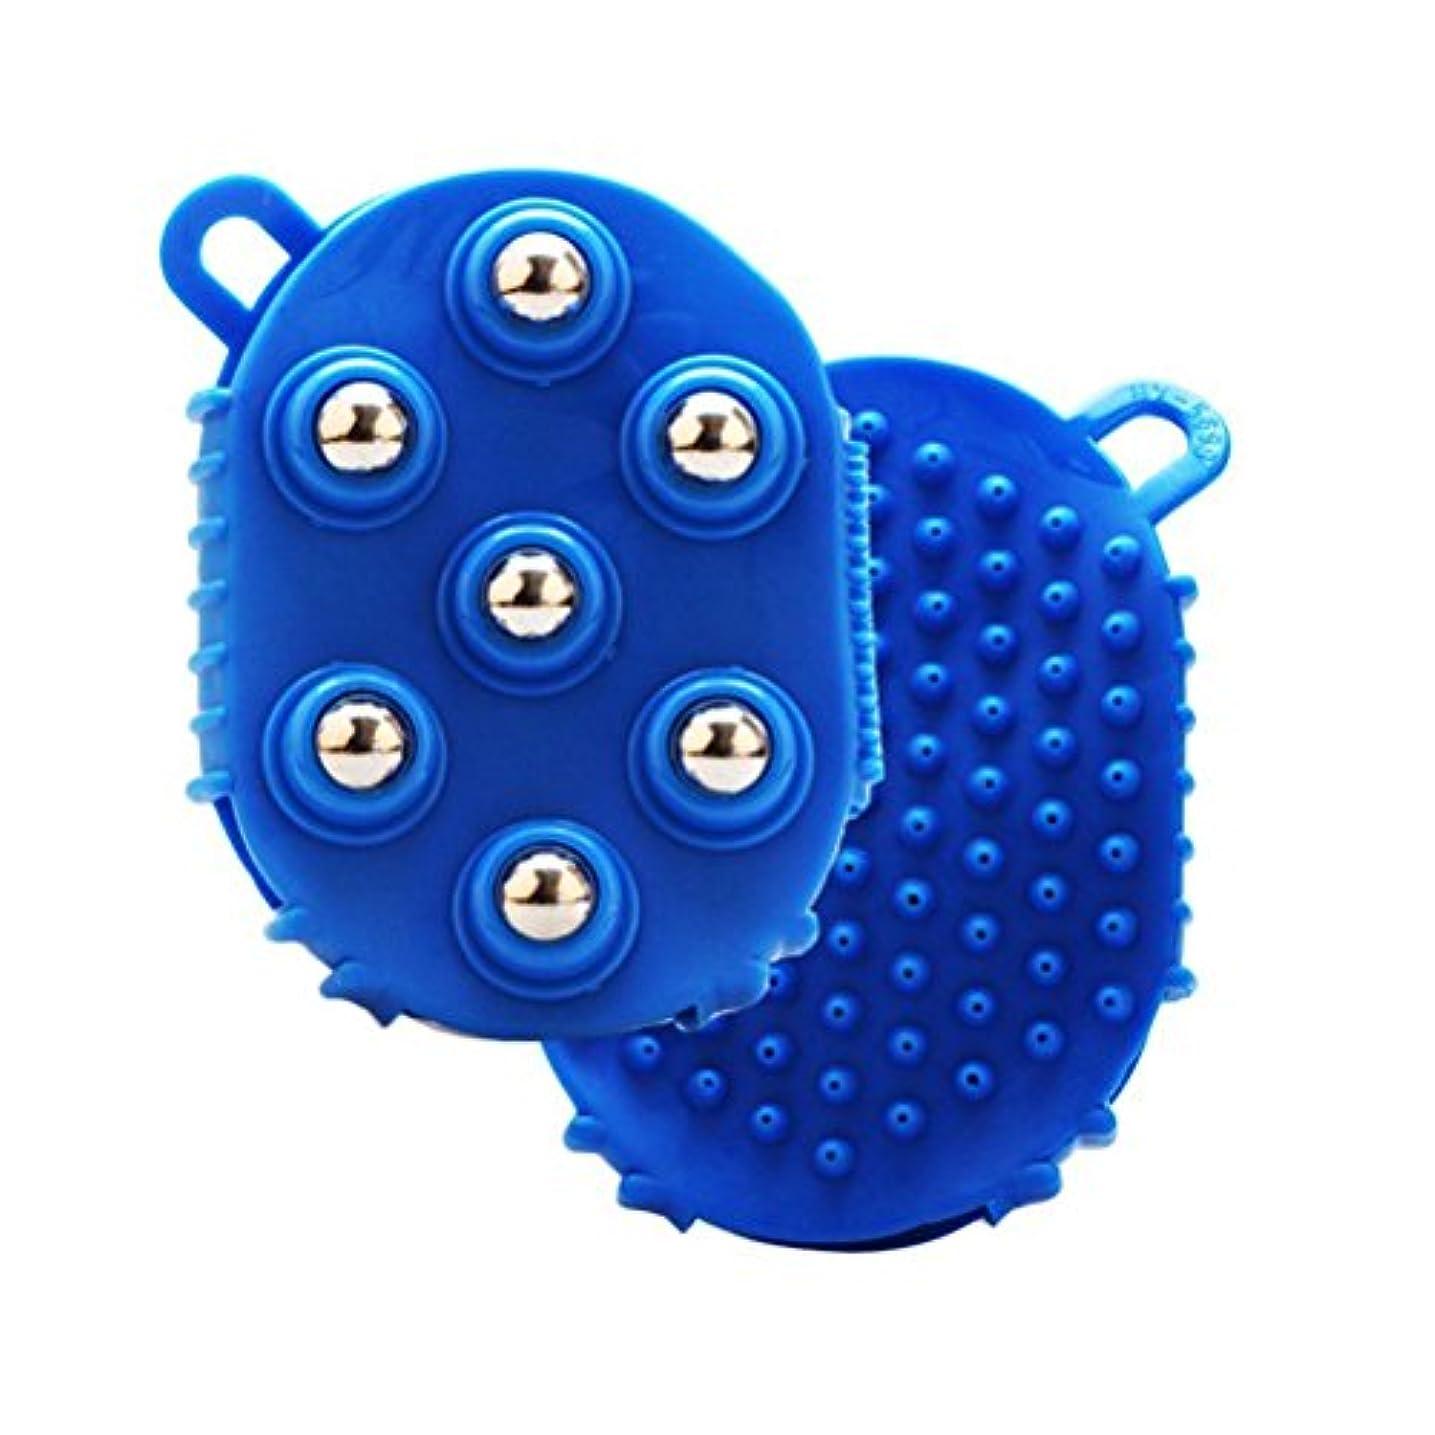 かもしれないスズメバチ呼び出すHEALLILY 手のひら型マッサージグローブマッサージバスブラシ7本付きメタルローラーボールハンドヘルドボディマッサージ用痛み筋肉筋肉痛セルライト(青)